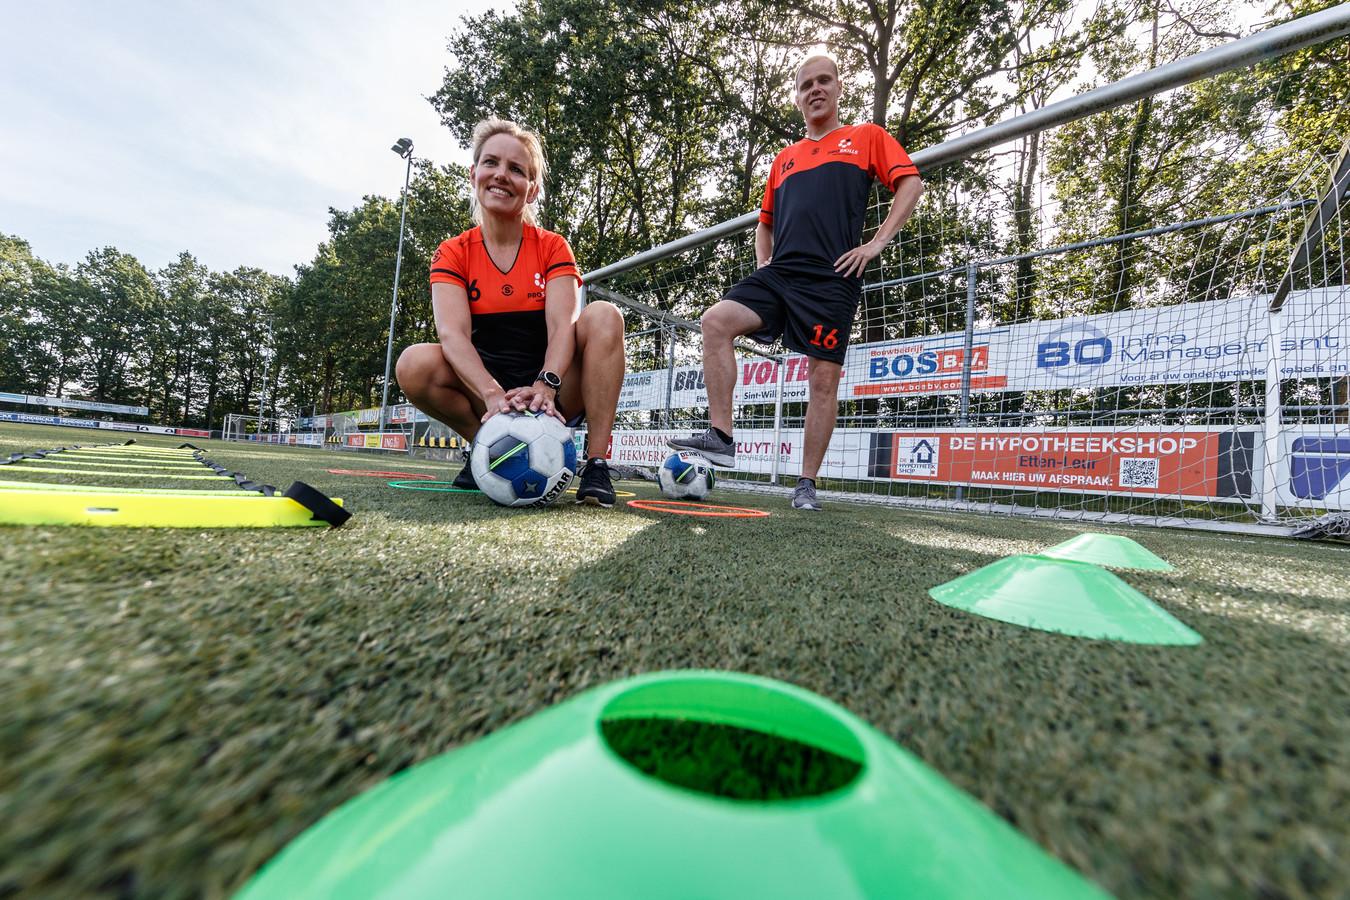 ETten-Leur - 23-8-2019 - Foto: Pix4Profs/Marcel Otterspeer - Claudine en Nelson starten een nieuwe voetbalschool in Etten-Leur.